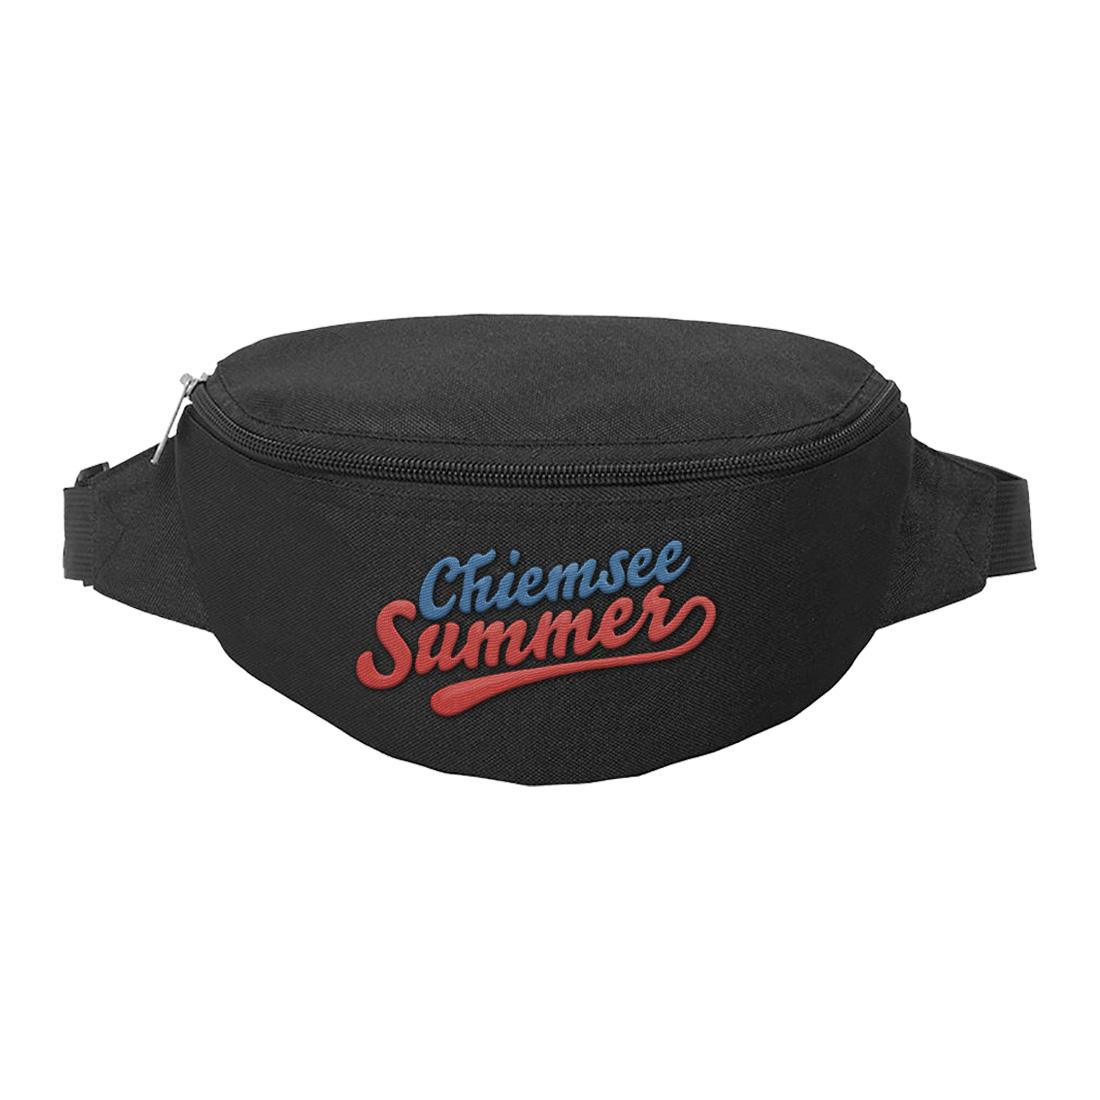 Swoosh Logo von Chiemsee Summer - Gürteltasche jetzt im My Festival Shop Shop